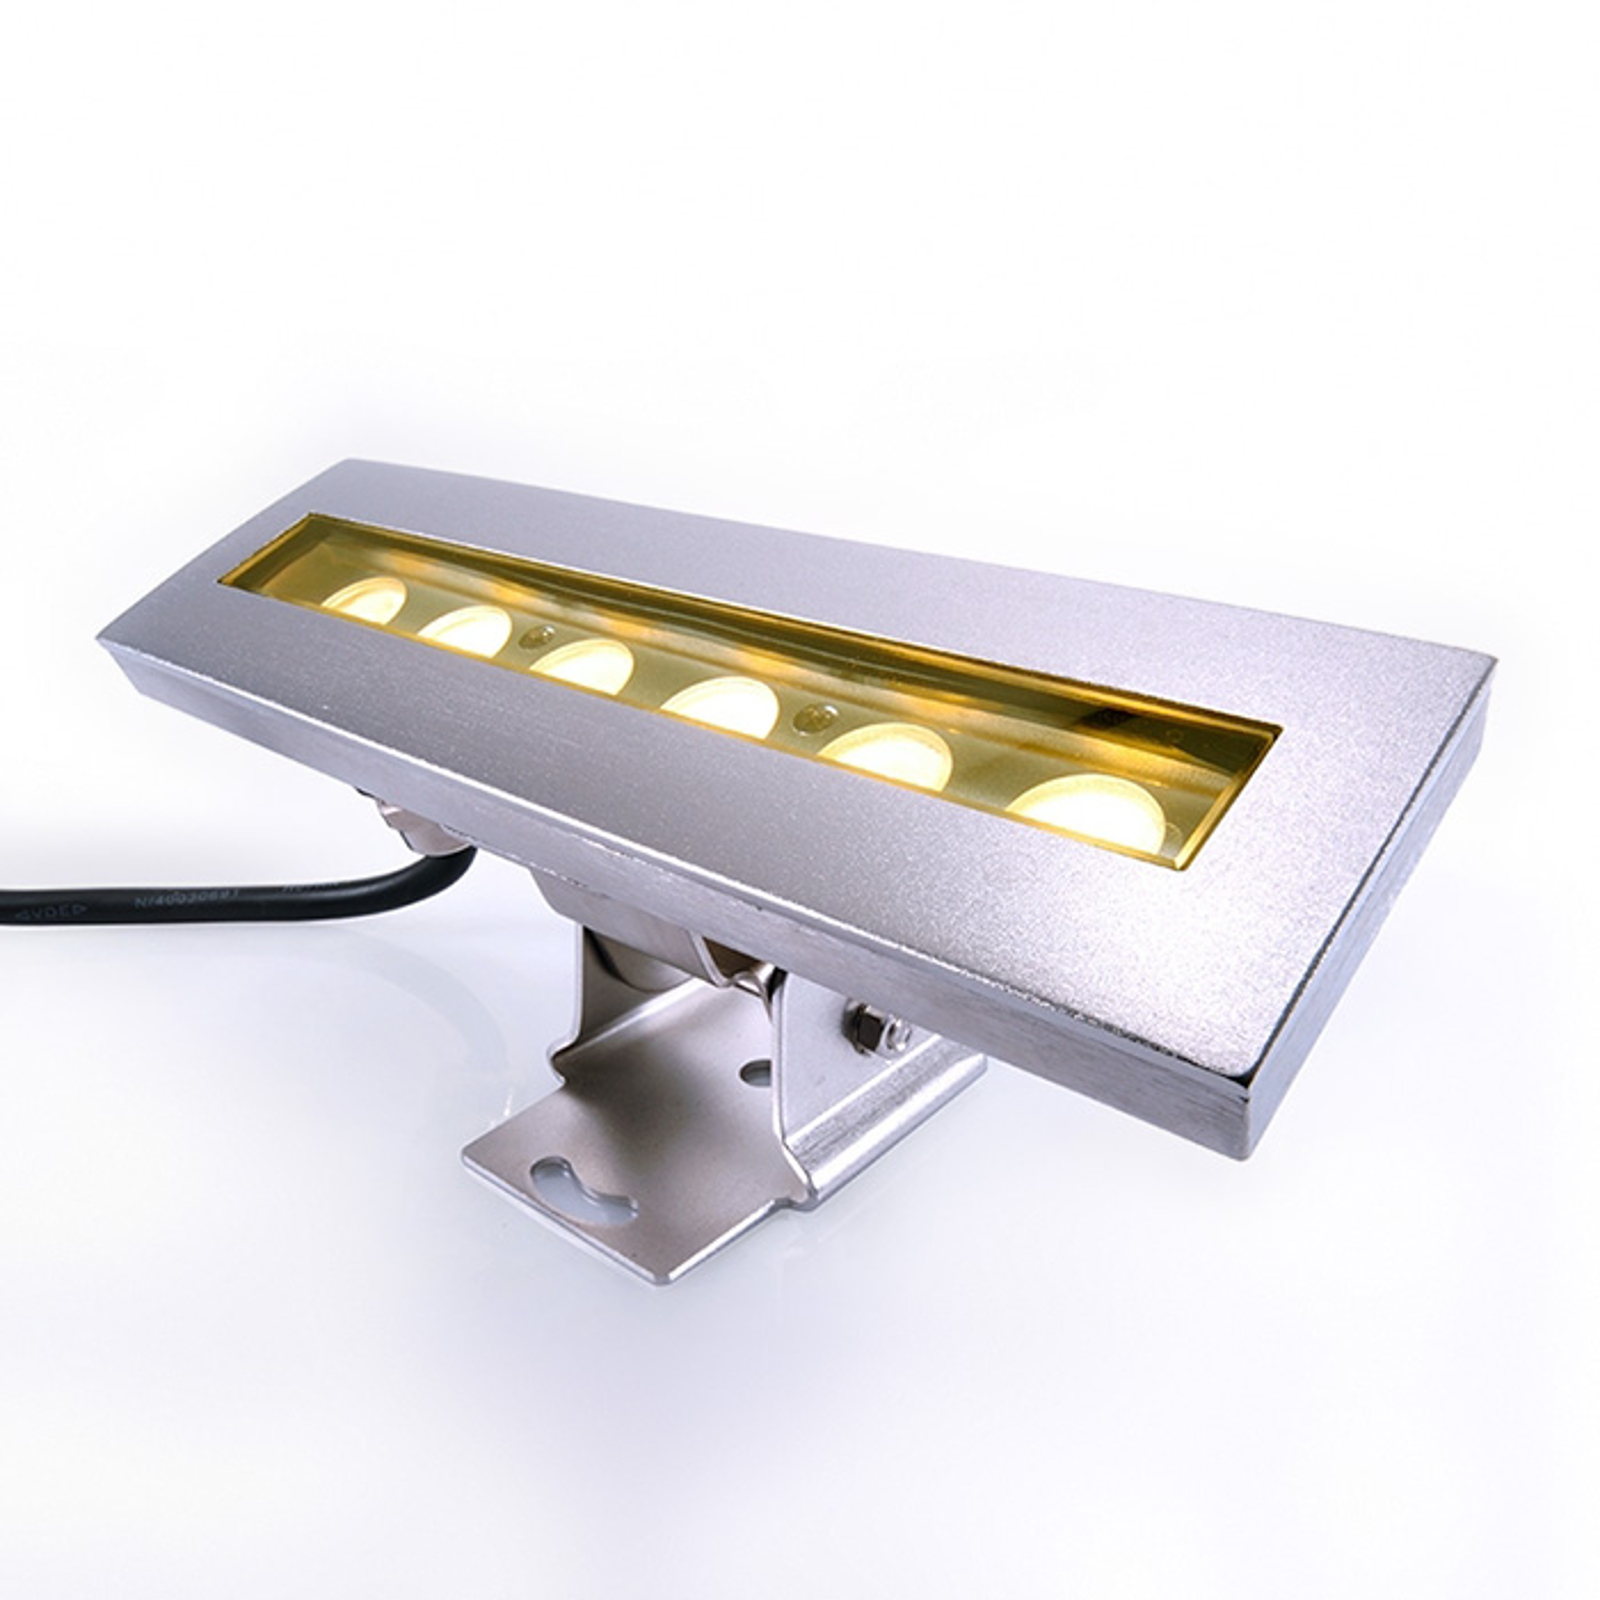 Power Spot podvodné LED svietidlo teplé biele_2500075_1